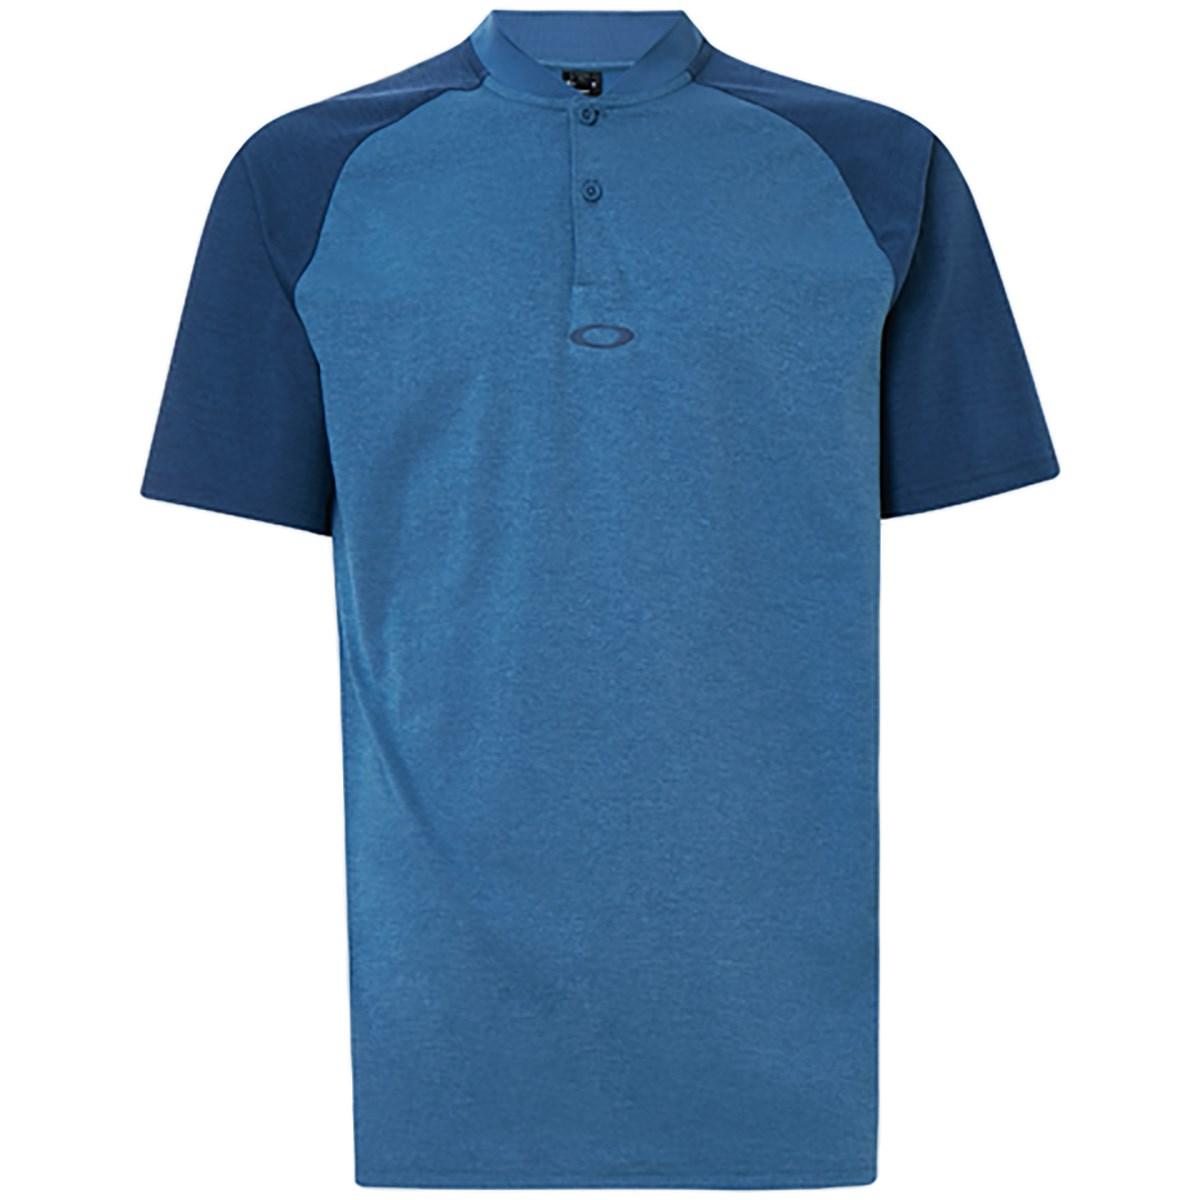 オークリー(OAKLEY) ICON BI COLOR 半袖ポロシャツ